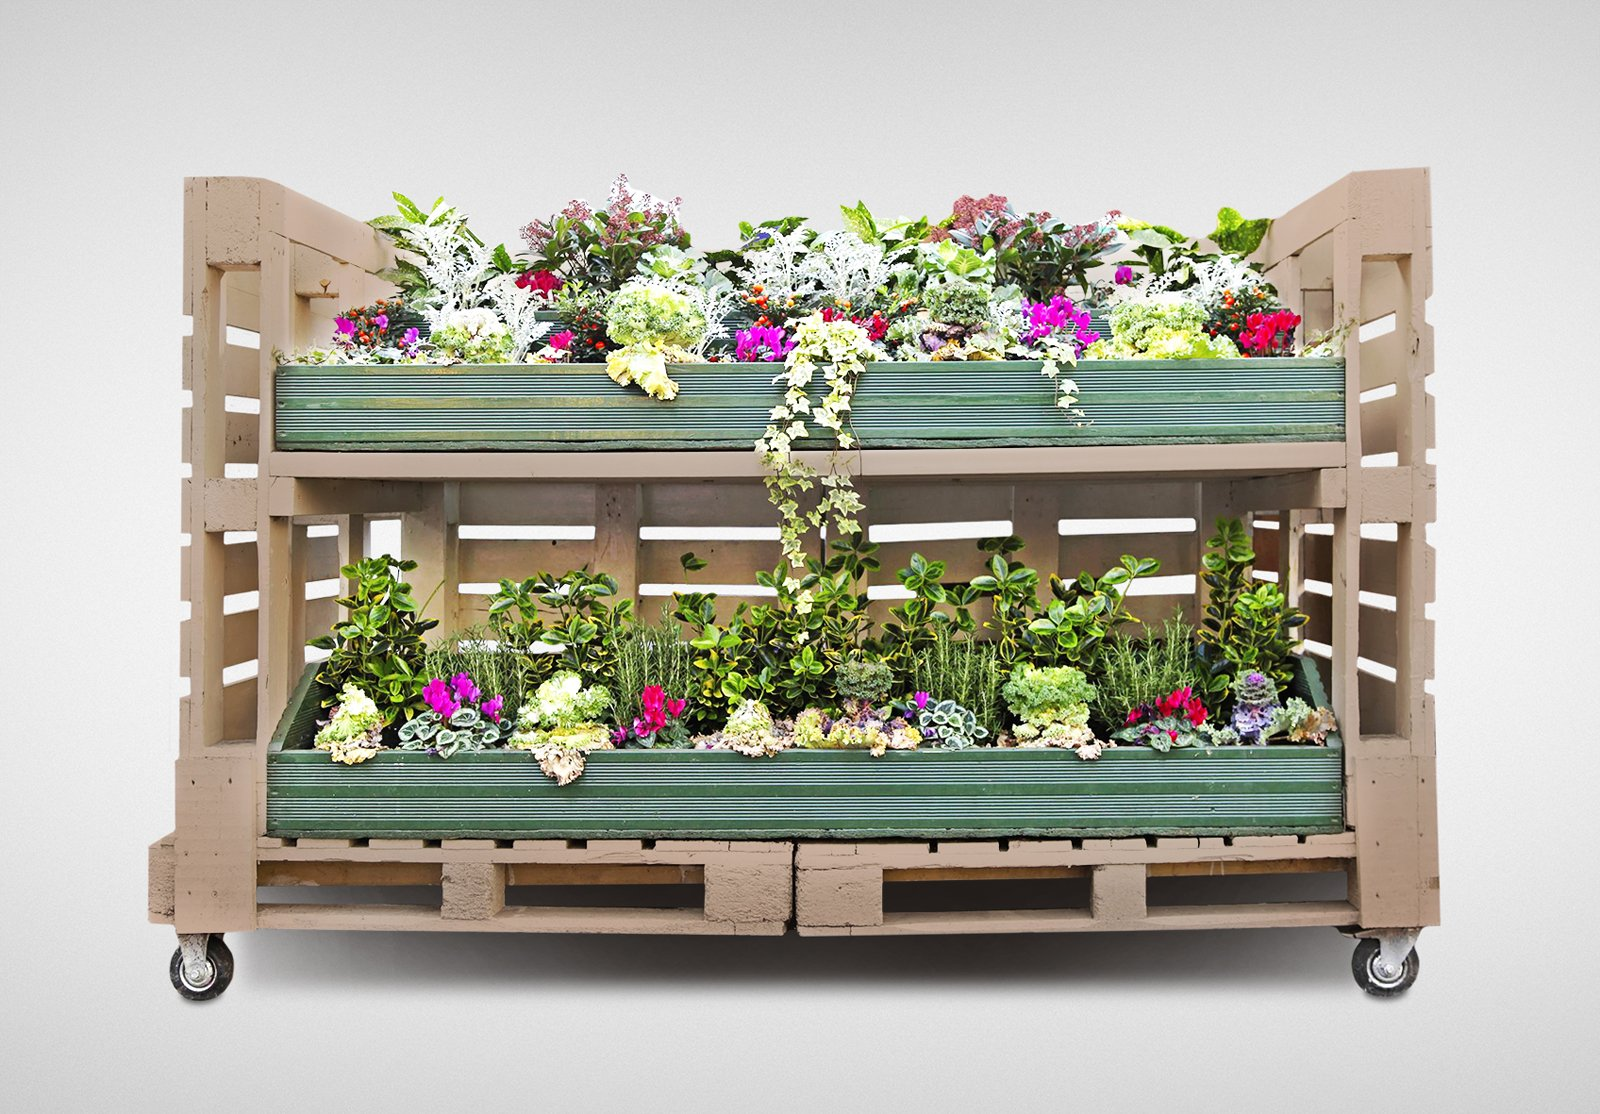 Pallet da supporto per le merci ad arredo ecosostenibile - Pallet arredo giardino ...